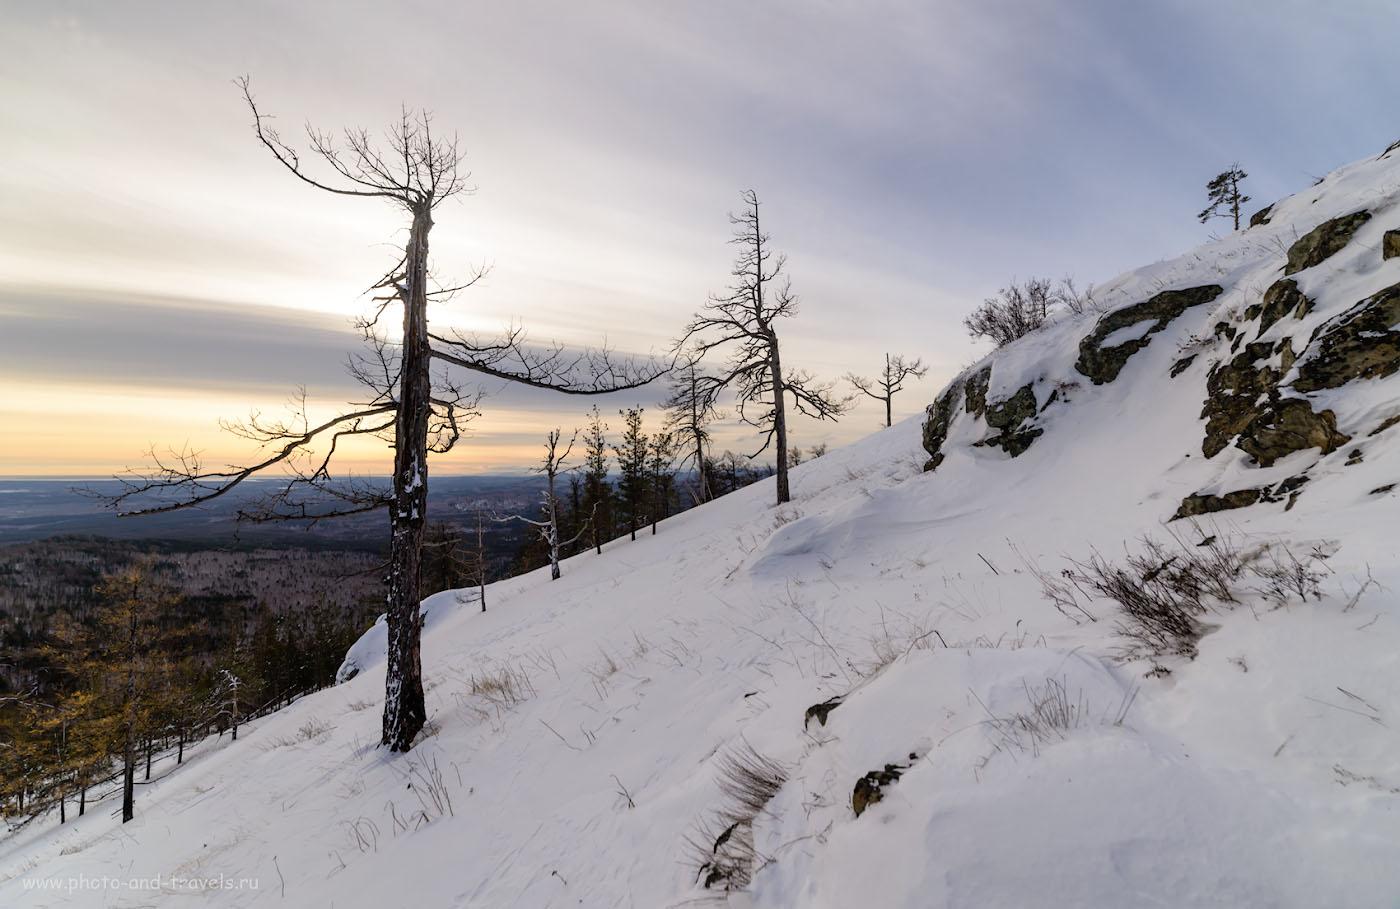 Фото 10. Пейзажи на вершине горы Сугомак. Поездка по интересным местам Челябинской области на машине. 1/320, +0.67, 8.0, 100, 14.